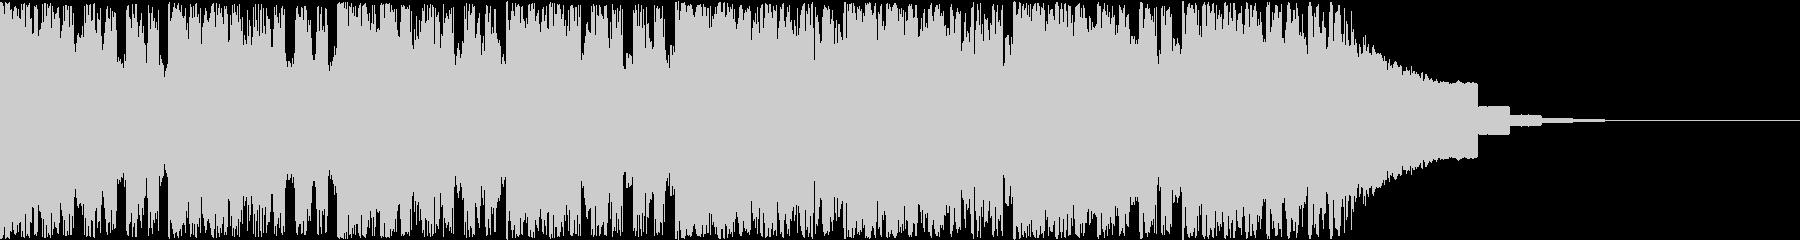 【キッズ向け】ピコピコBGM、かわいい音の未再生の波形